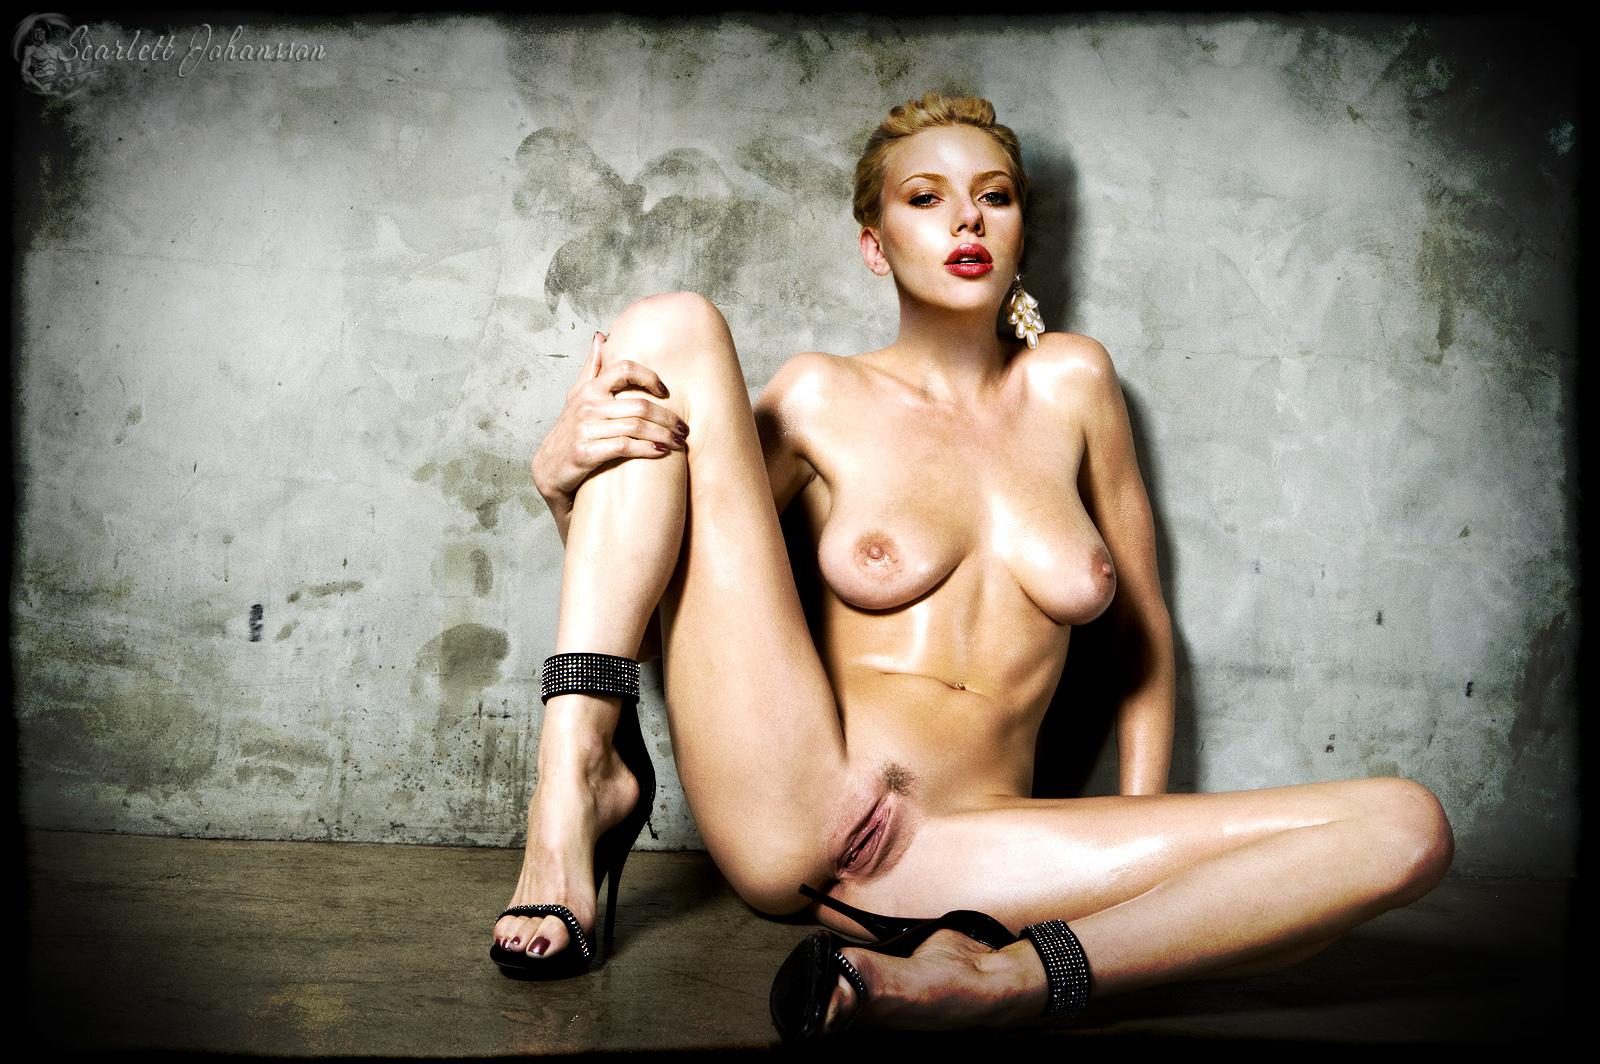 Scarlett johansson fake naked